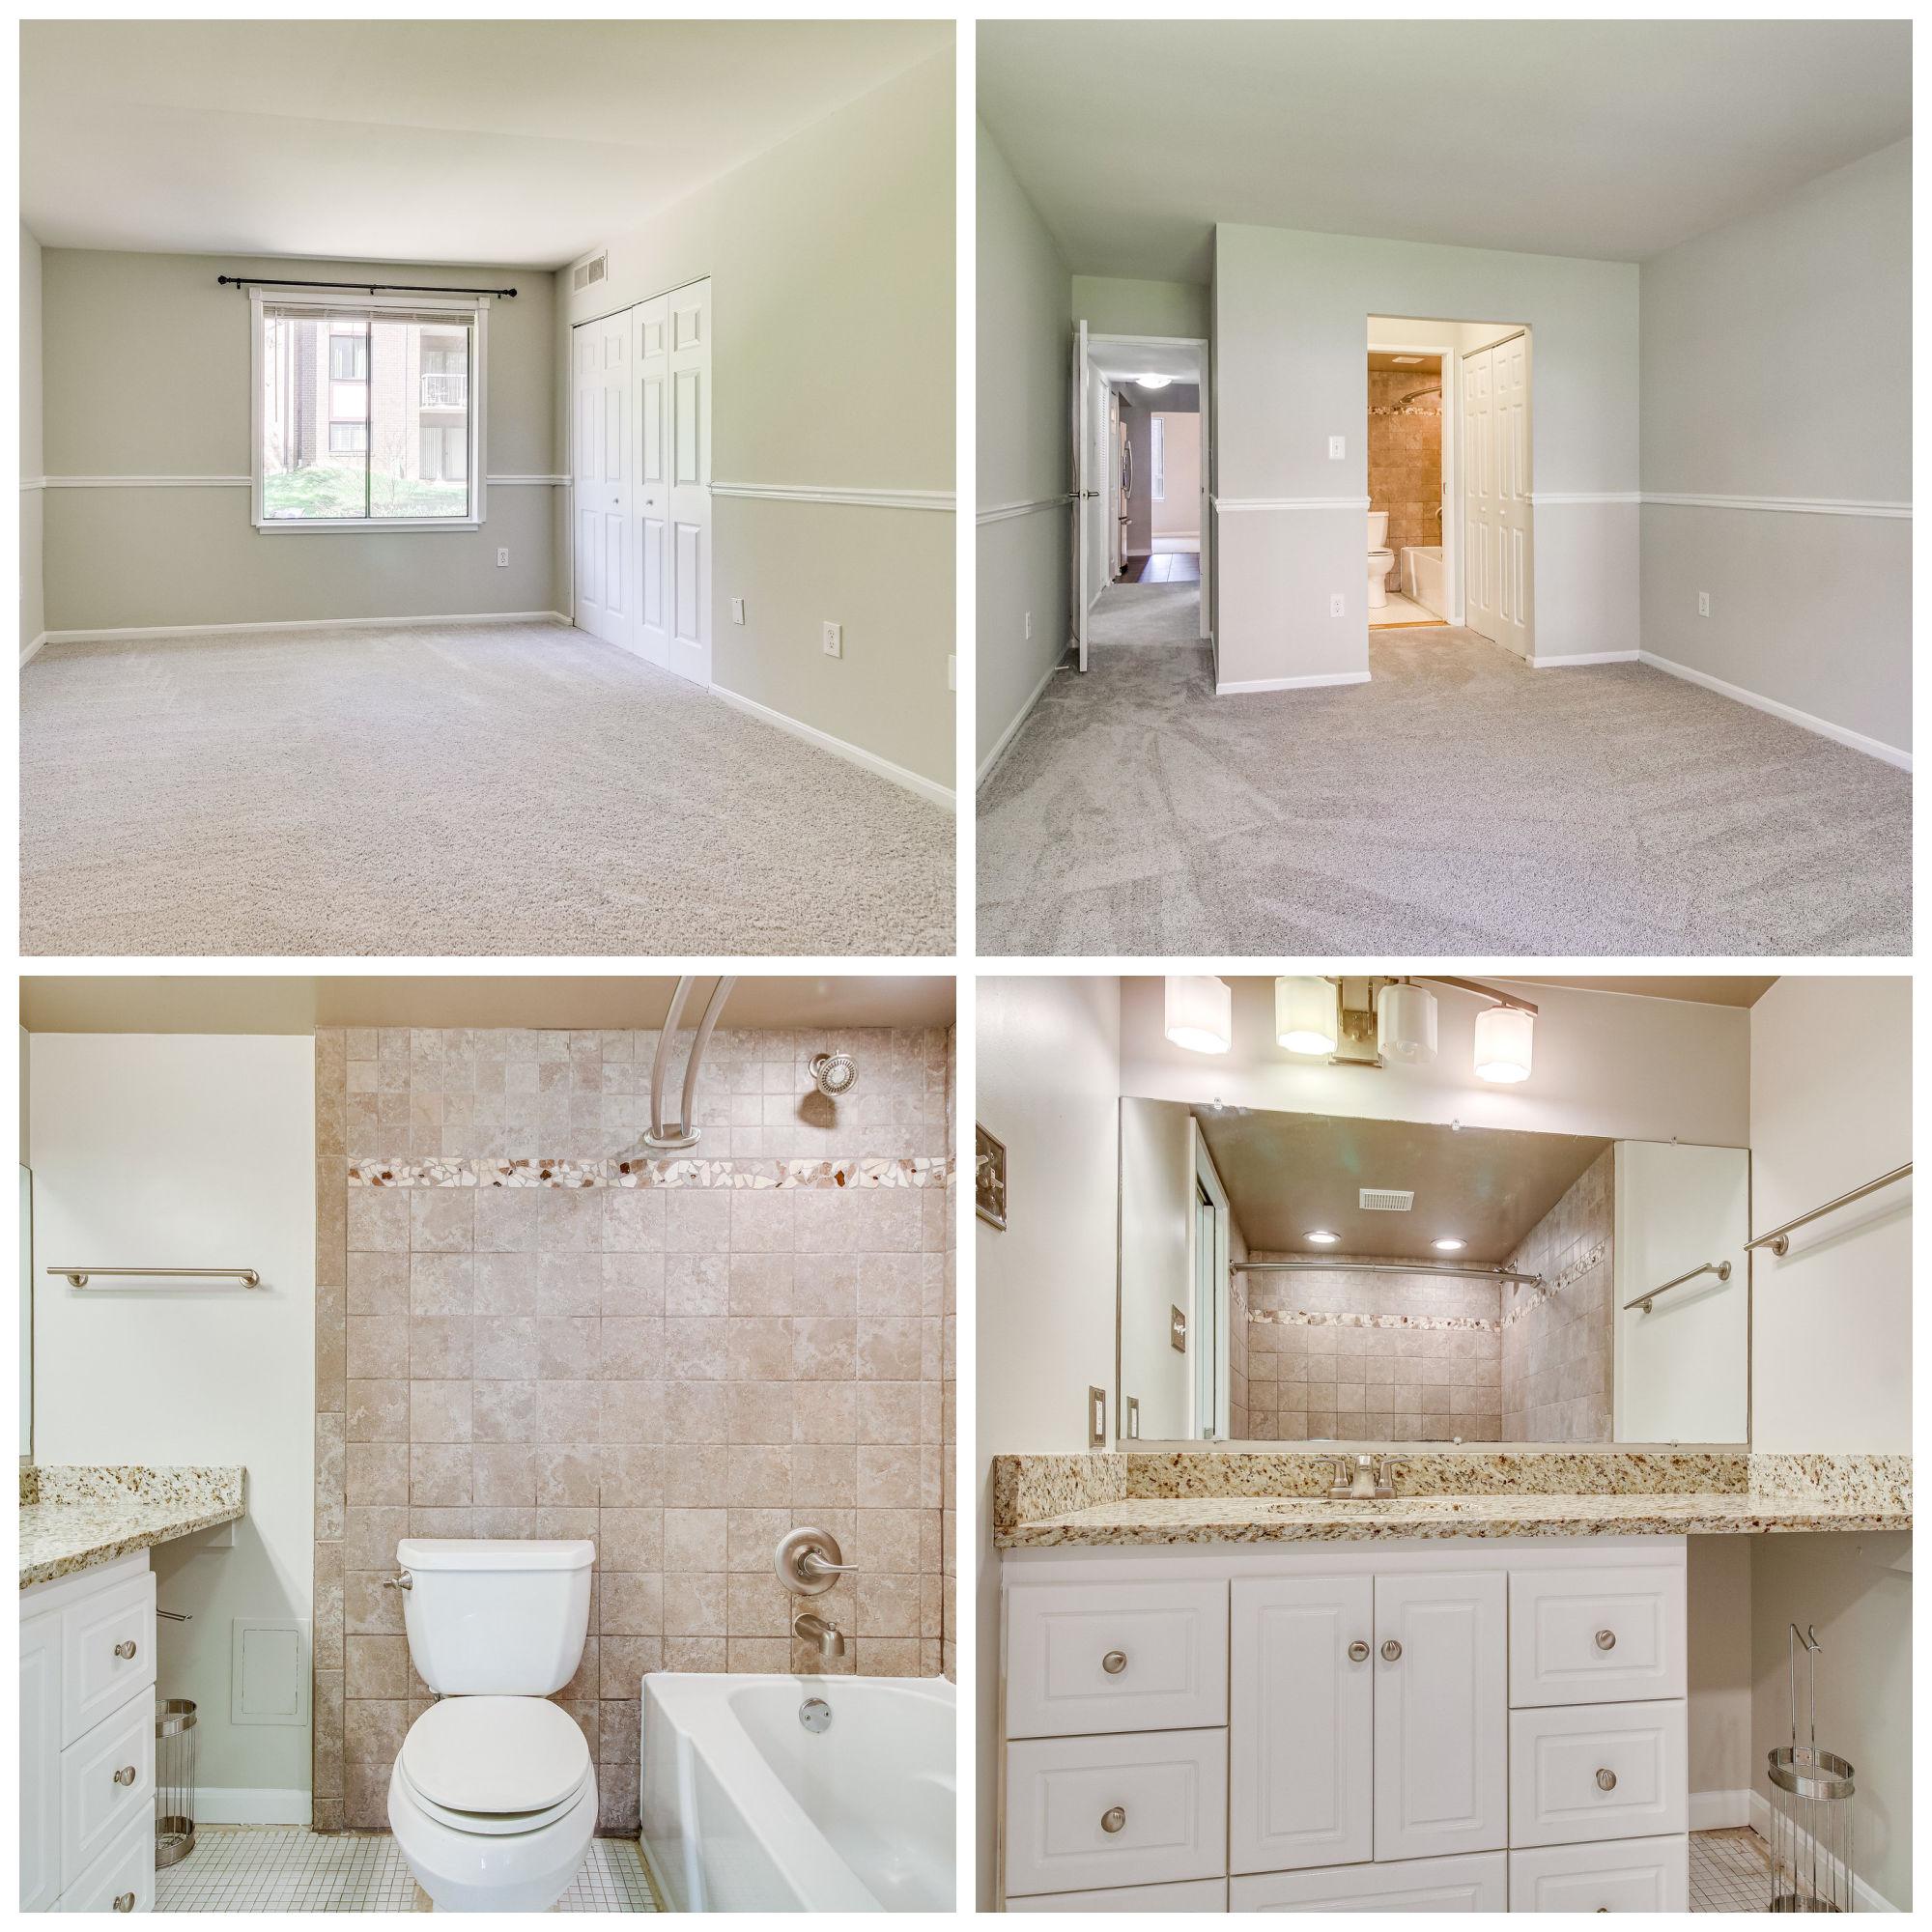 9810 Kingsbridge Dr #102, Fairfax- Primary Suite